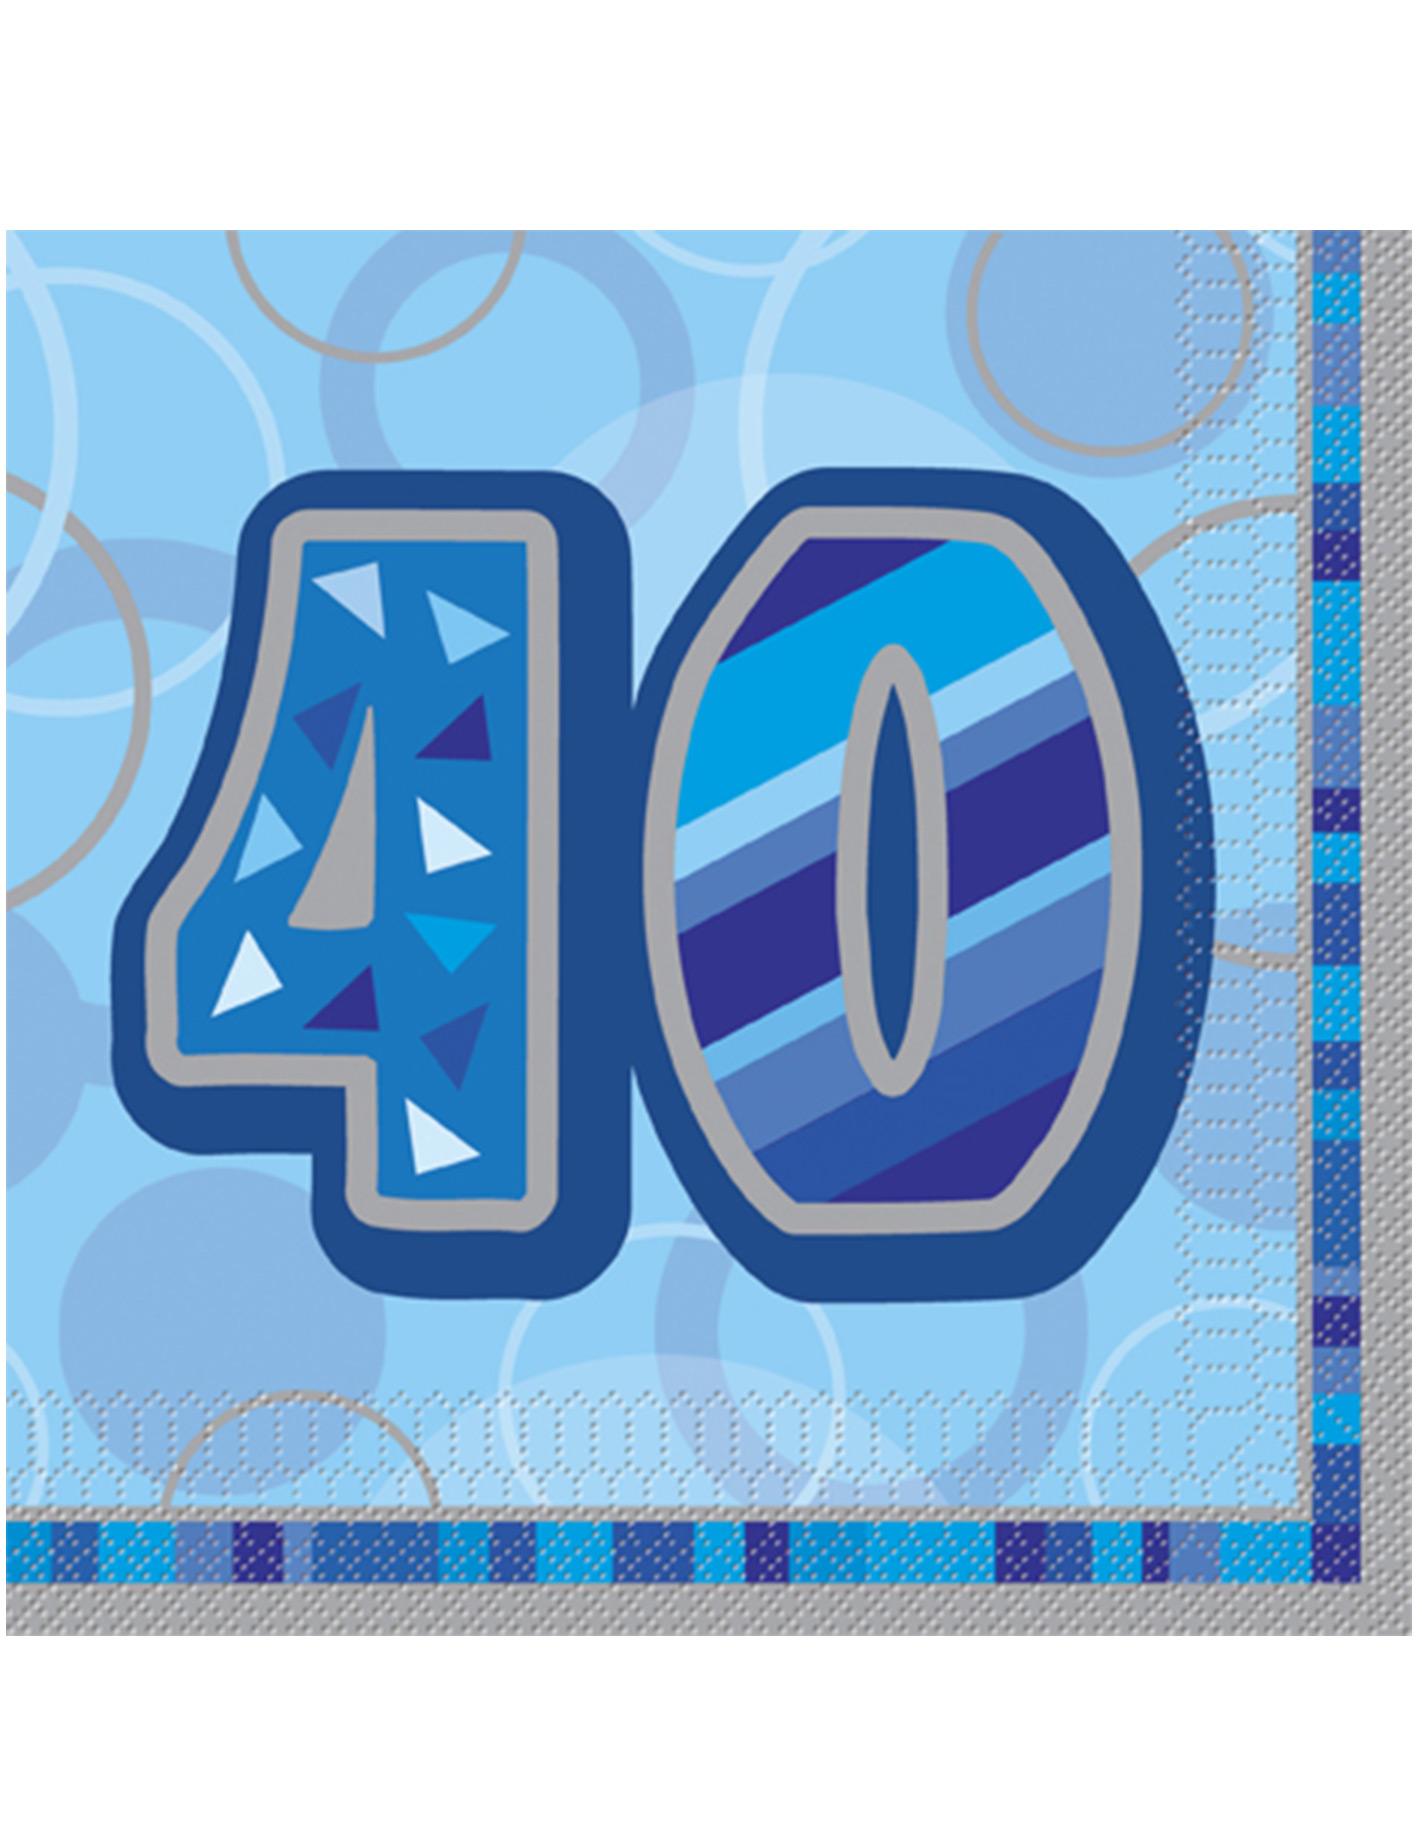 Festa Compleanno 40 Anni Uomo confezione di 16 tovaglioli per i 40 anni di compleanno colore blu